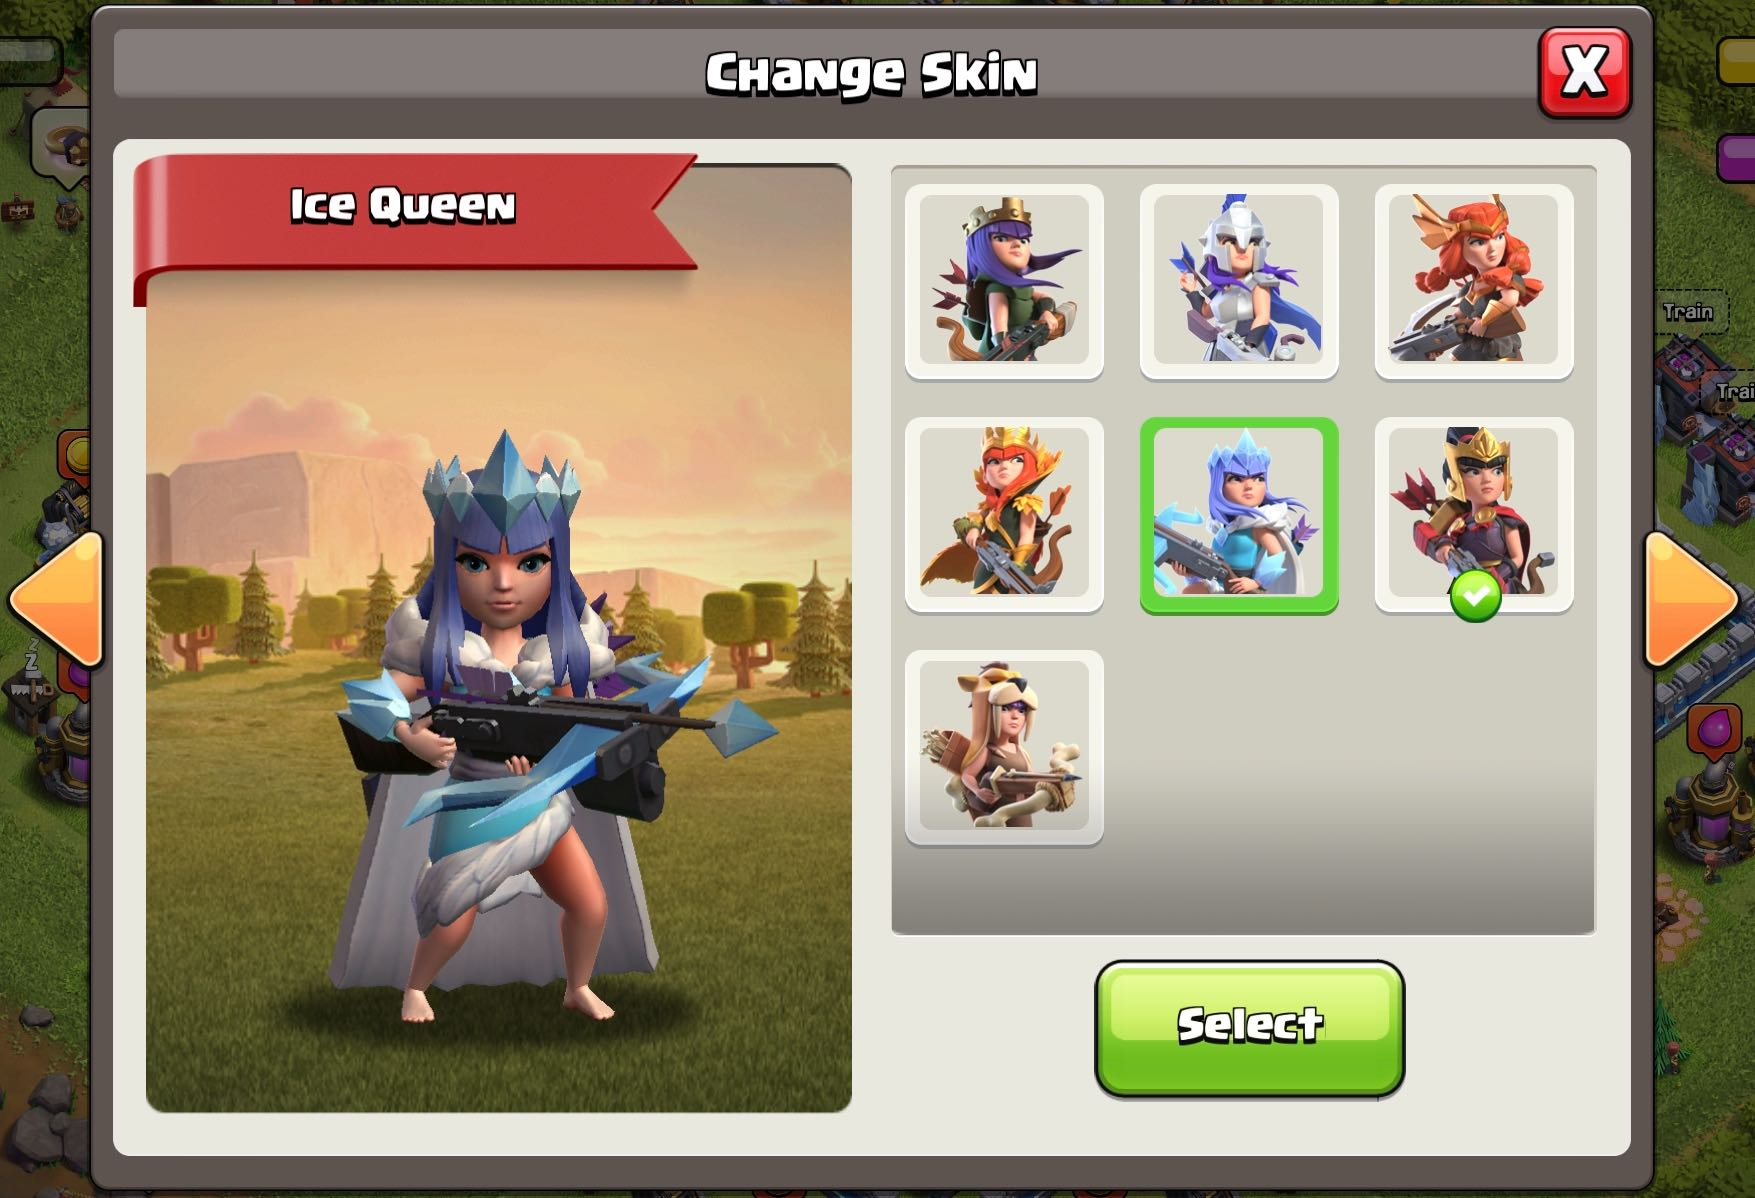 Новое UI смены скина героя в Clash of Clans